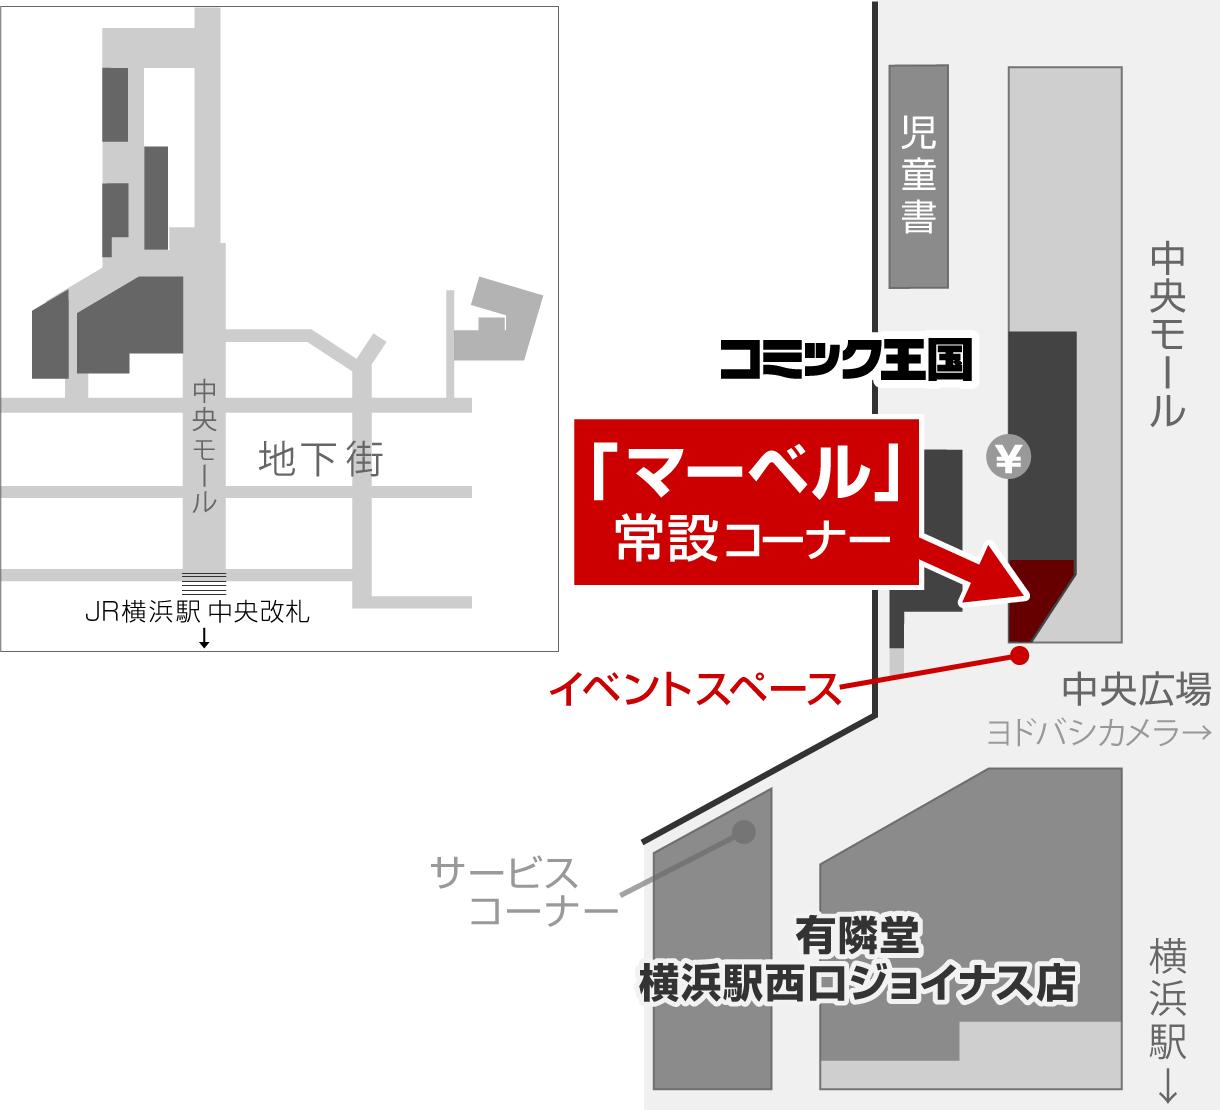 コミック王国の手前(横浜駅側)通路沿いにイベントスペースあり